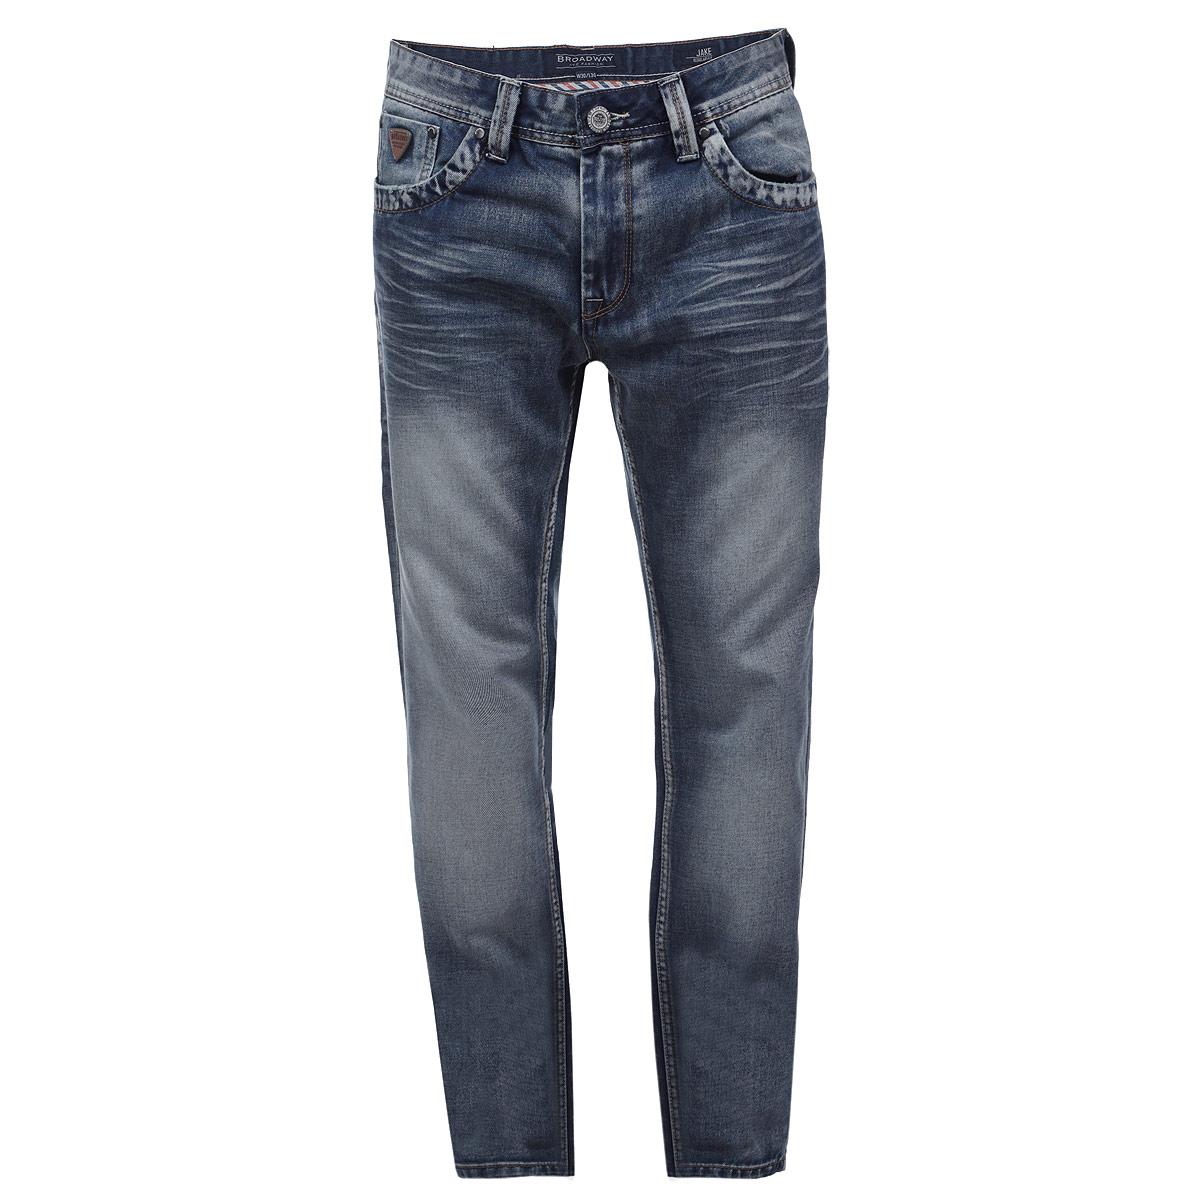 Джинсы мужские. 1015231810152318 L34Стильные мужские джинсы Broadway - джинсы высочайшего качества, которые прекрасно сидят. Они прекрасно сочетаются с разными рубашками и футболками, создавая образ, как на каждый день, так и для отдыха. Джинсы прямого кроя и средней посадки изготовлены из высококачественного материала, не сковывают движения. Модель прямого кроя и средней посадки изготовлена из высококачественных материалов. Застегиваются джинсы на молнию и пуговицу, имеются шлевки для ремня. Спереди модель дополнена двумя втачными карманами и одним секретным кармашком, а сзади - двумя накладными карманами. Джинсы оформлены в стиле винтаж, и украшены рельефными узорами на задних карманах. Эти модные и в тоже время удобные джинсы помогут вам создать оригинальный современный образ. В них вы всегда будете чувствовать себя уверенно и комфортно.